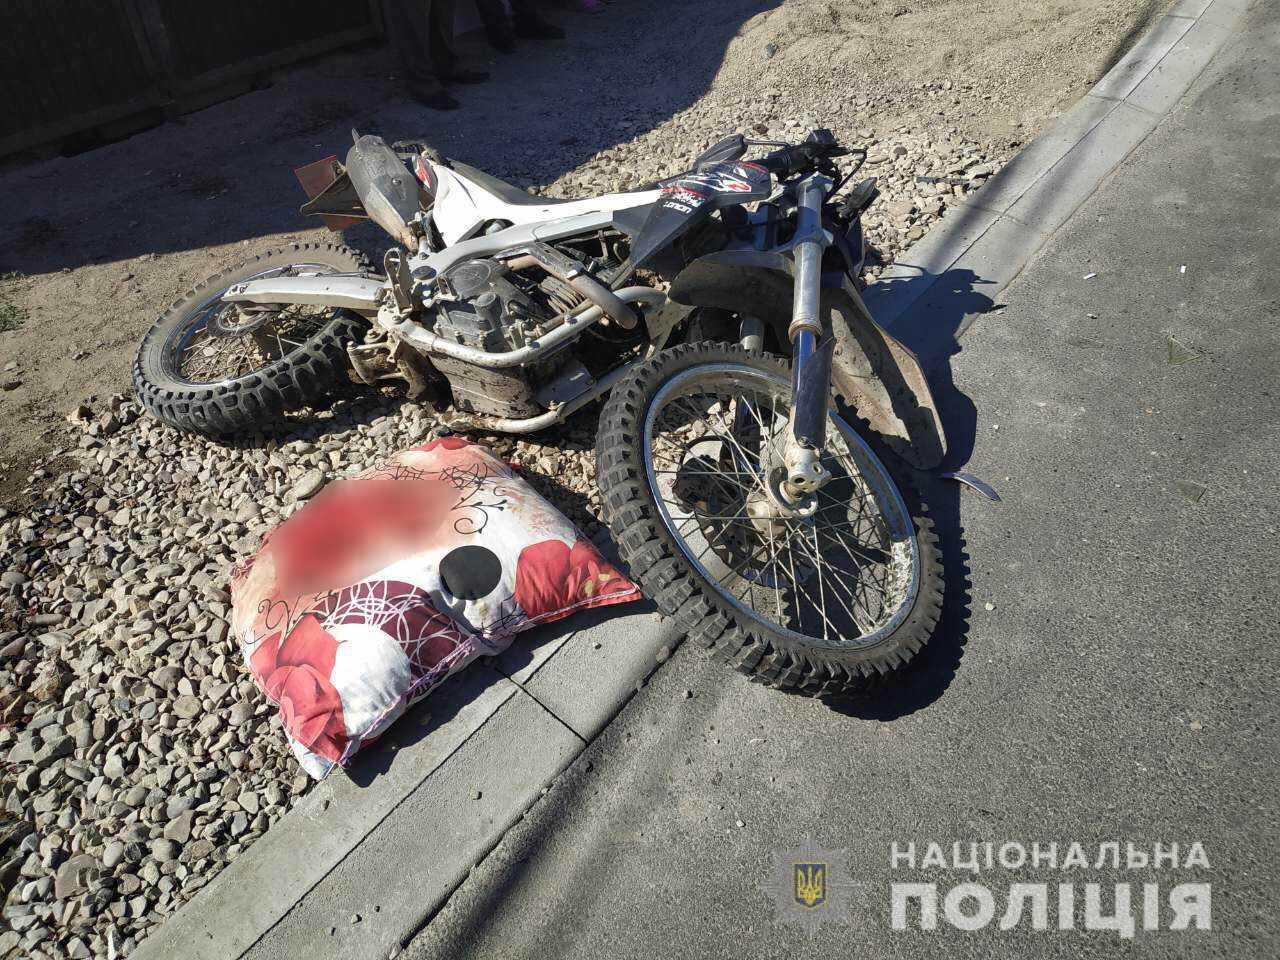 На Тячівщині дівчина за кермом авто виїхала на зустрічну і збила мотоцикліста: постраждалий у реанімації